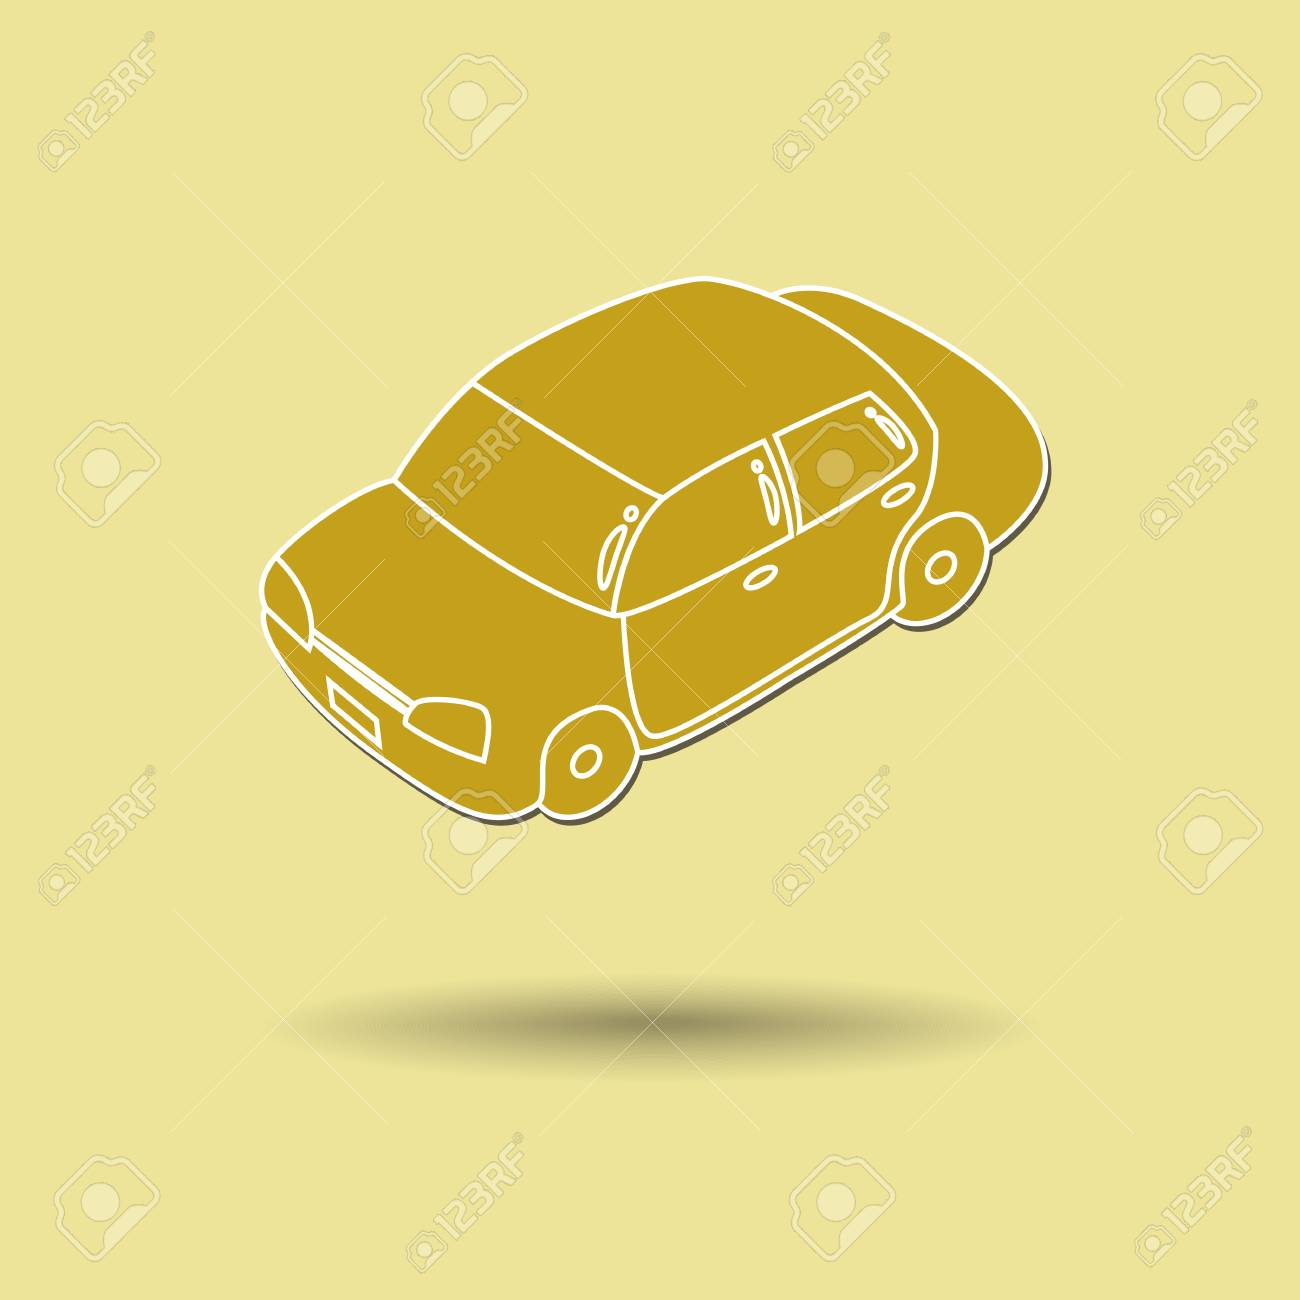 背景色に対して車のベクトル イラスト。 ロイヤリティフリークリップ